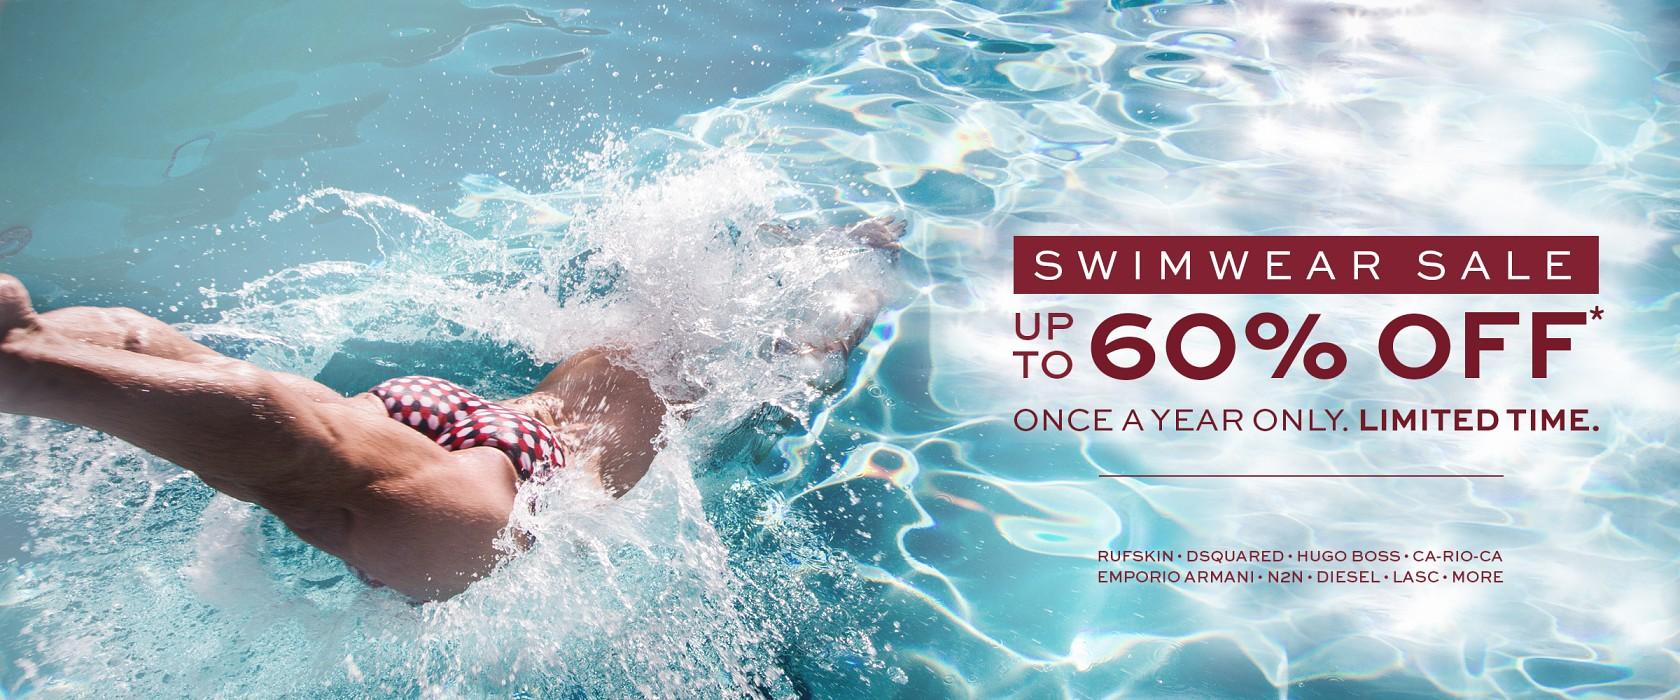 International Jock swimwear sale cover